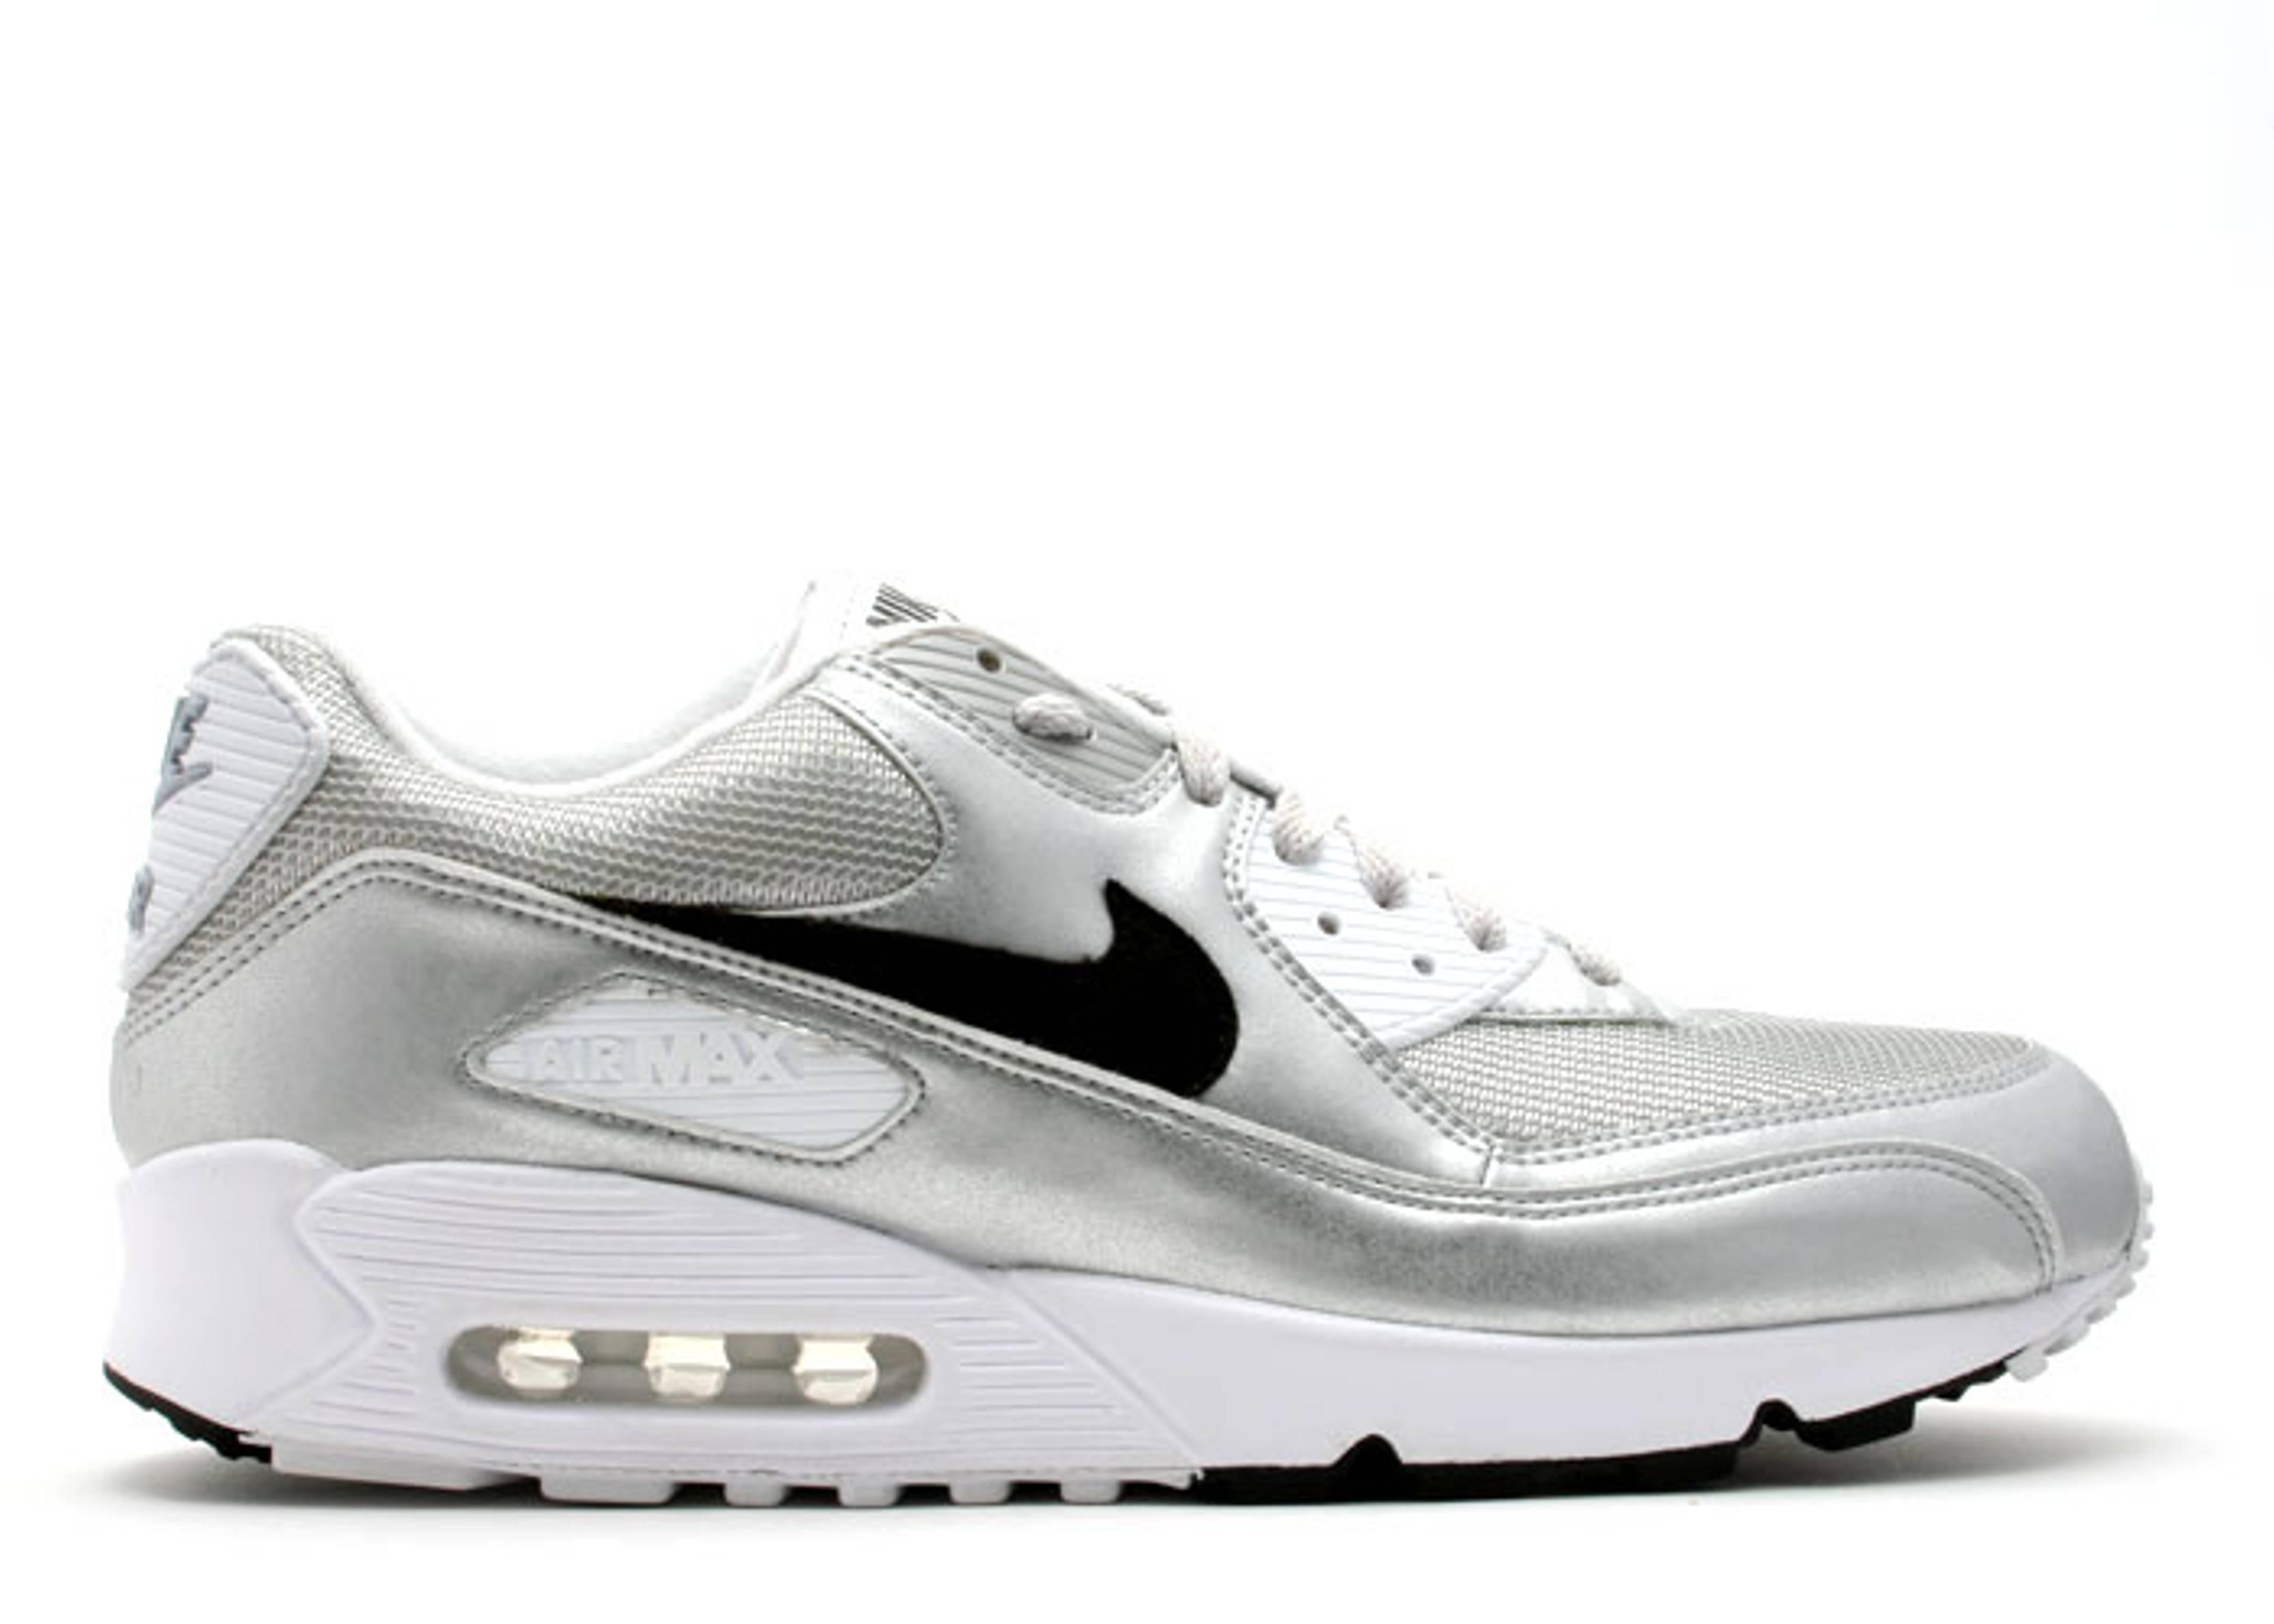 2air max 90 silver